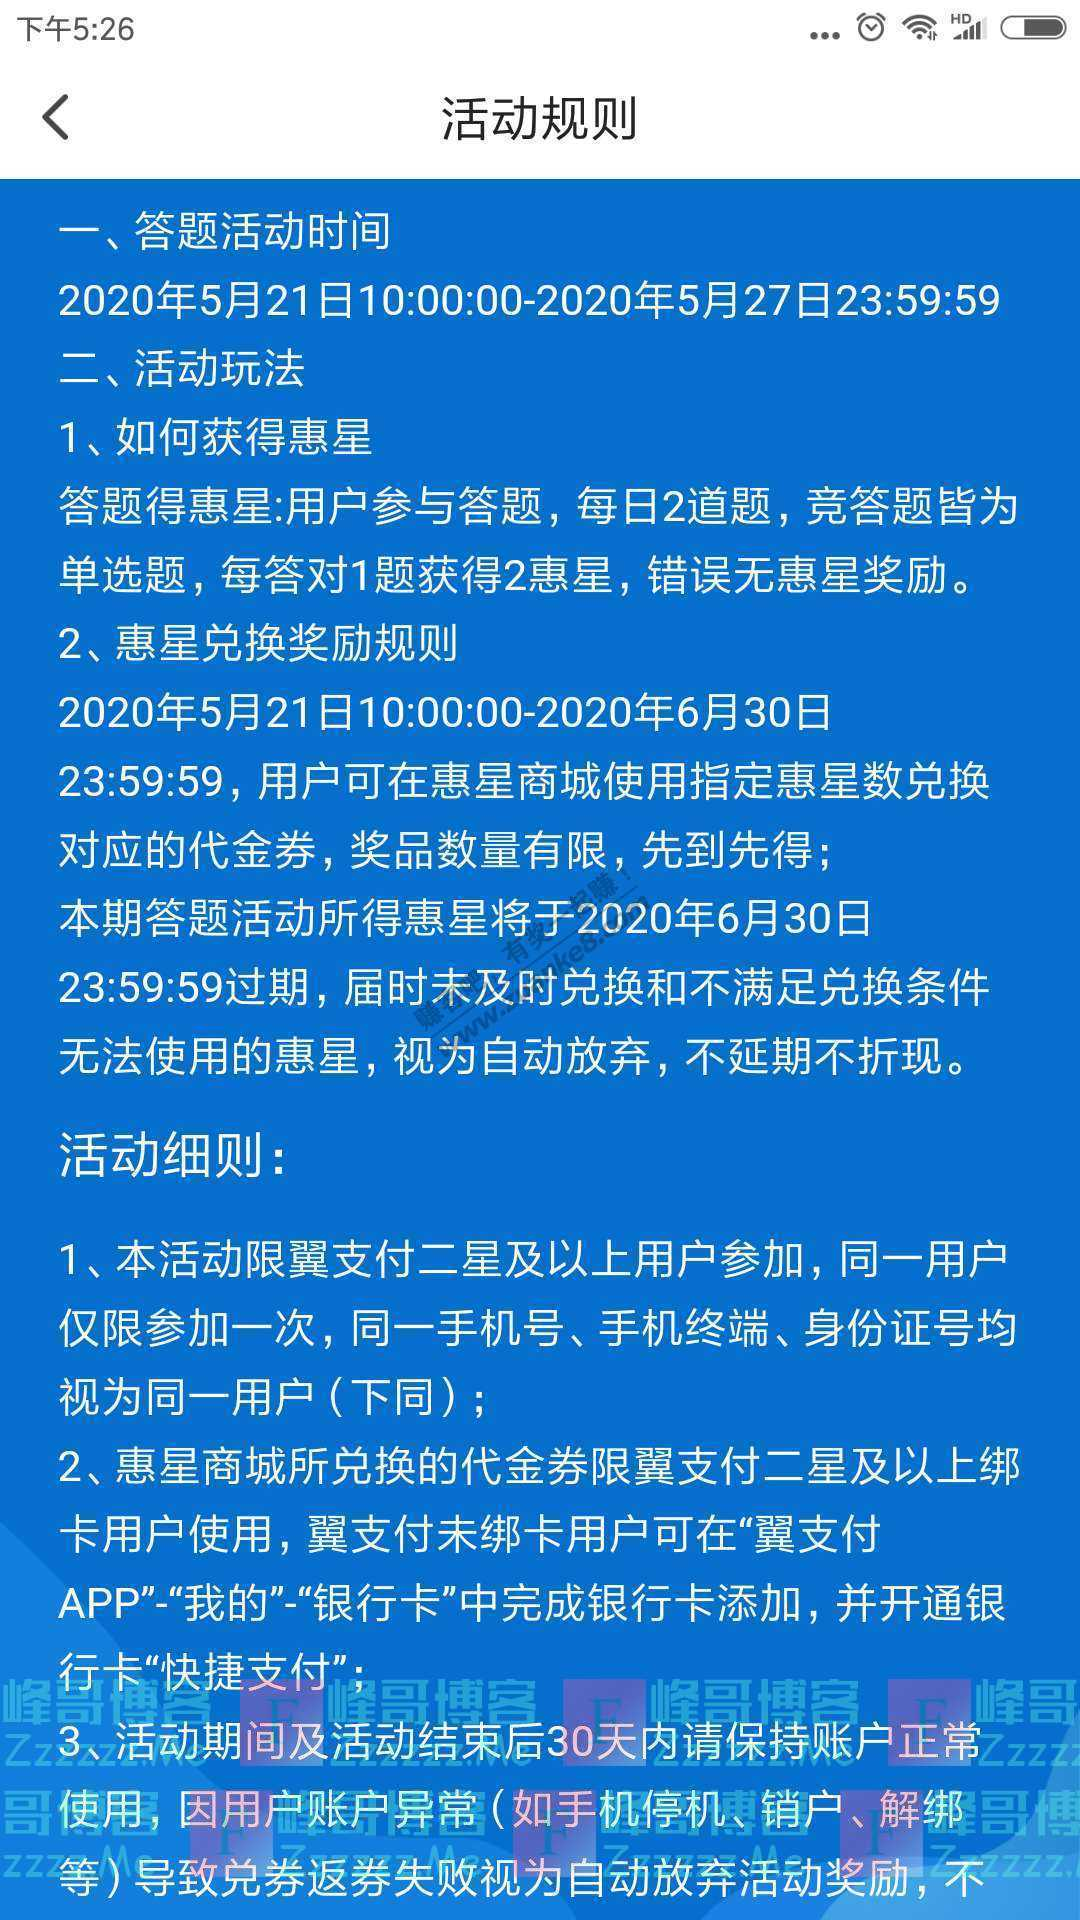 翼支付答题攒惠星兑好礼 成都专场(截止5月27日)